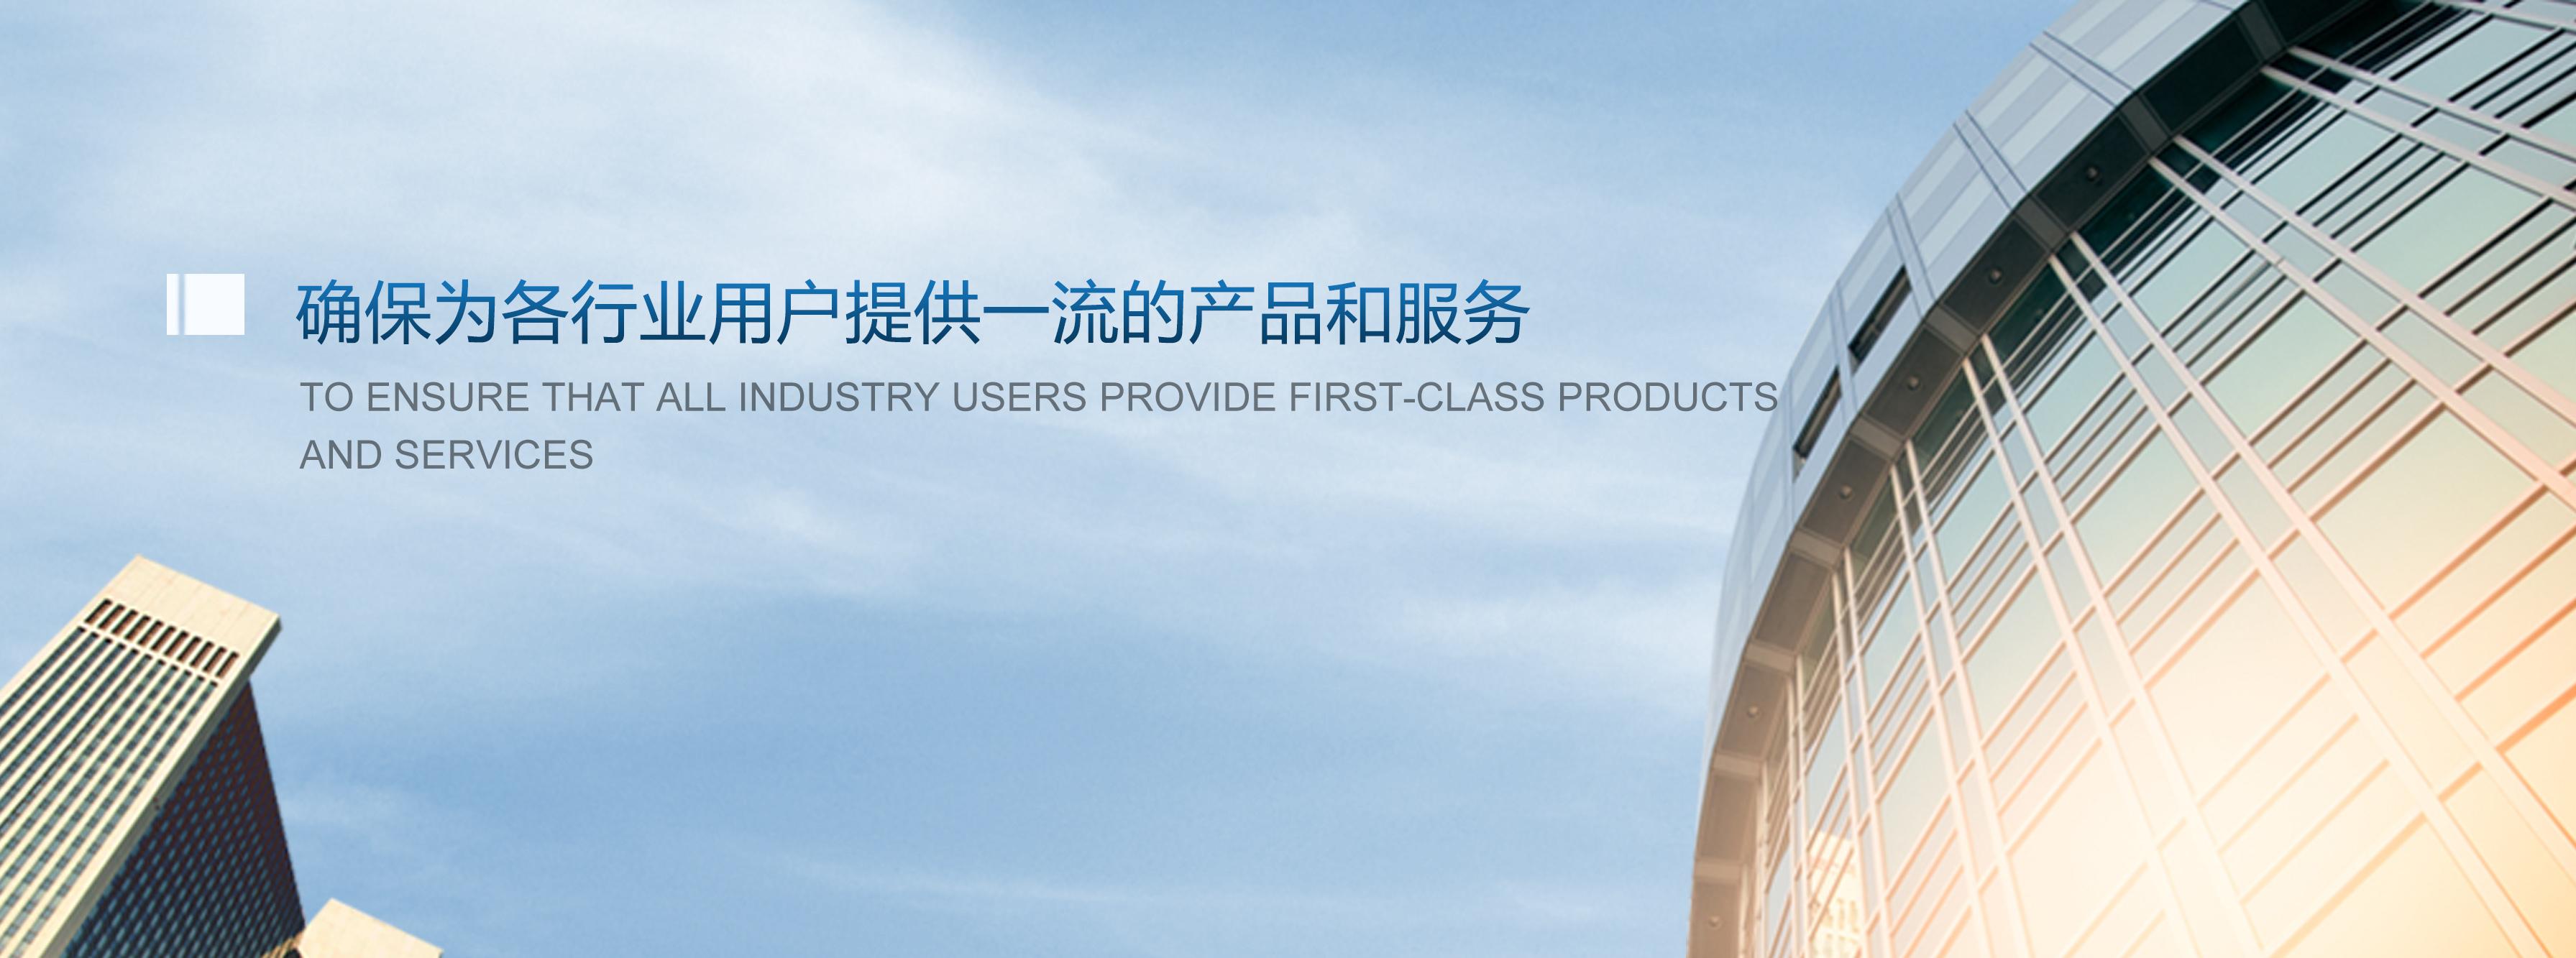 广东日月潭电源科技有限公司